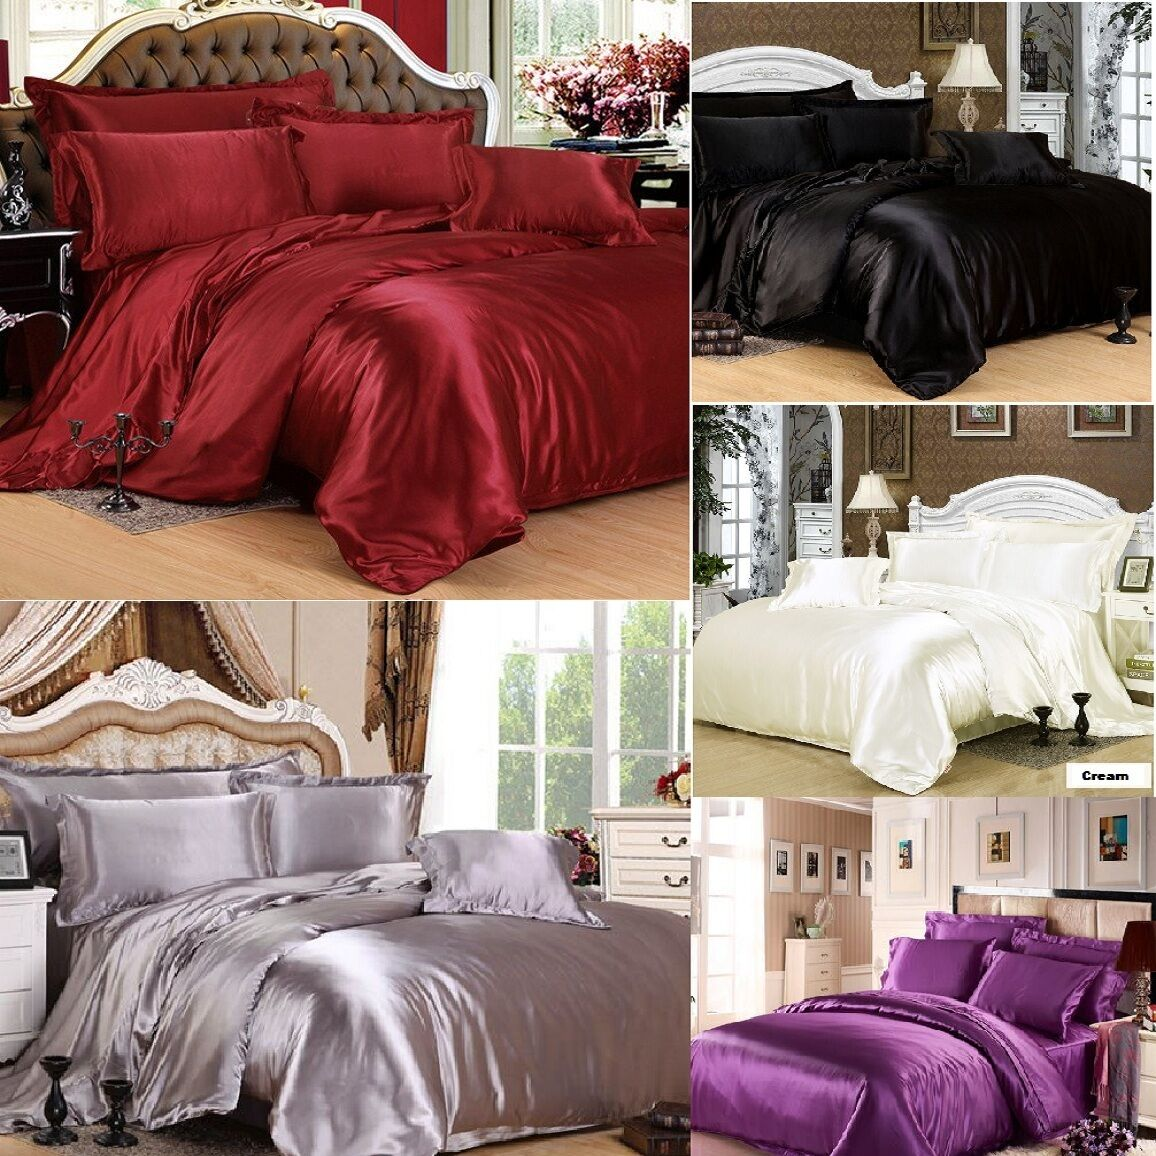 dfd08fa2b473 Viceroybedding 7 Piece Satin Bedding Sets Super King Bed Size - Black for sale  online   eBay